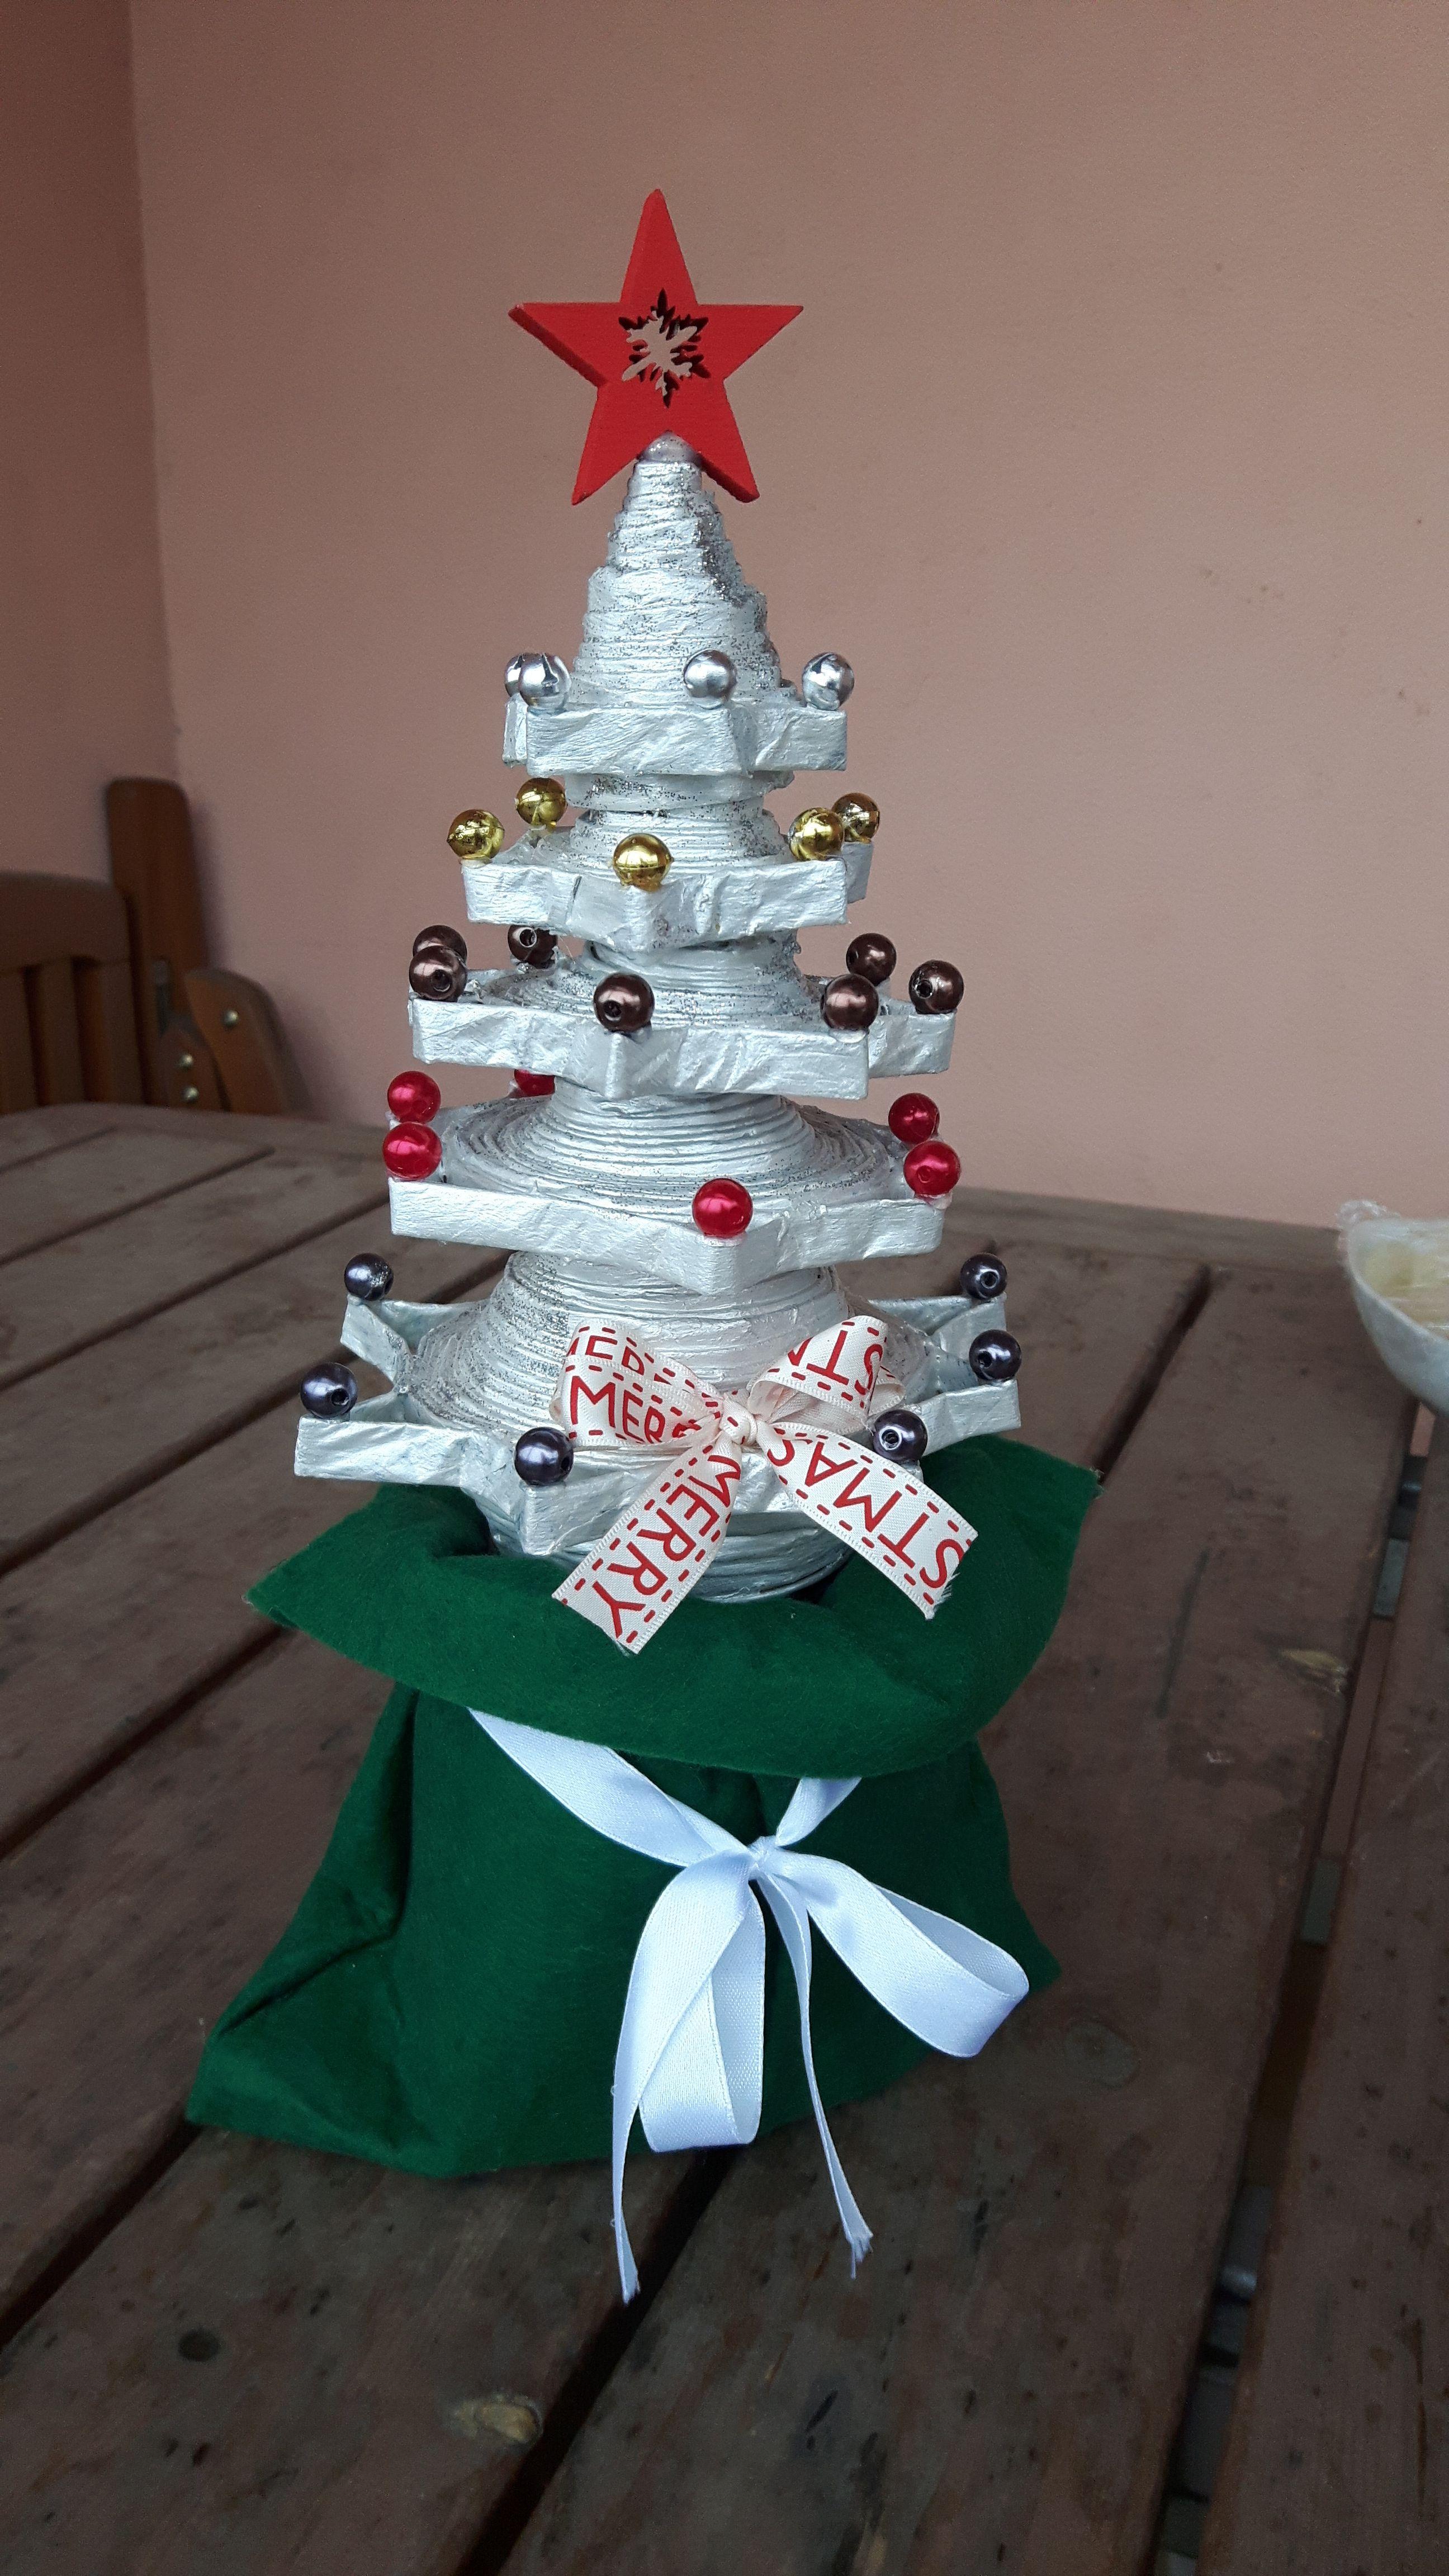 Albero Di Natale Con Cannucce Di Carta.Albero Di Natale Con Cannucce Di Carta Artist Agnese Redaelli